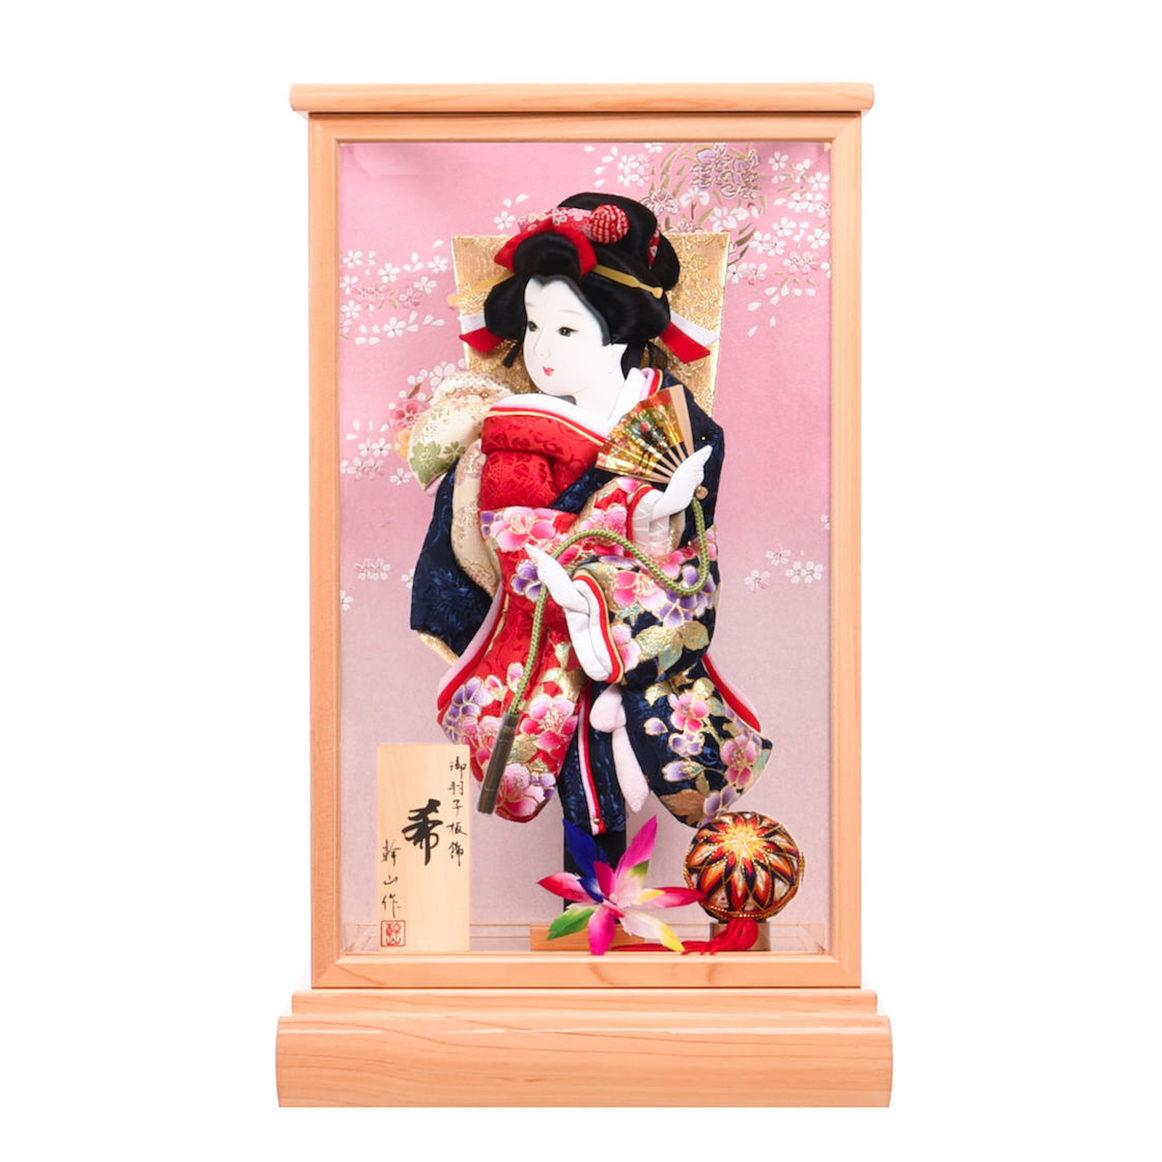 羽子板 10号希 檜(ひのき) 紺赤 匠一好 正月飾り 送料無料